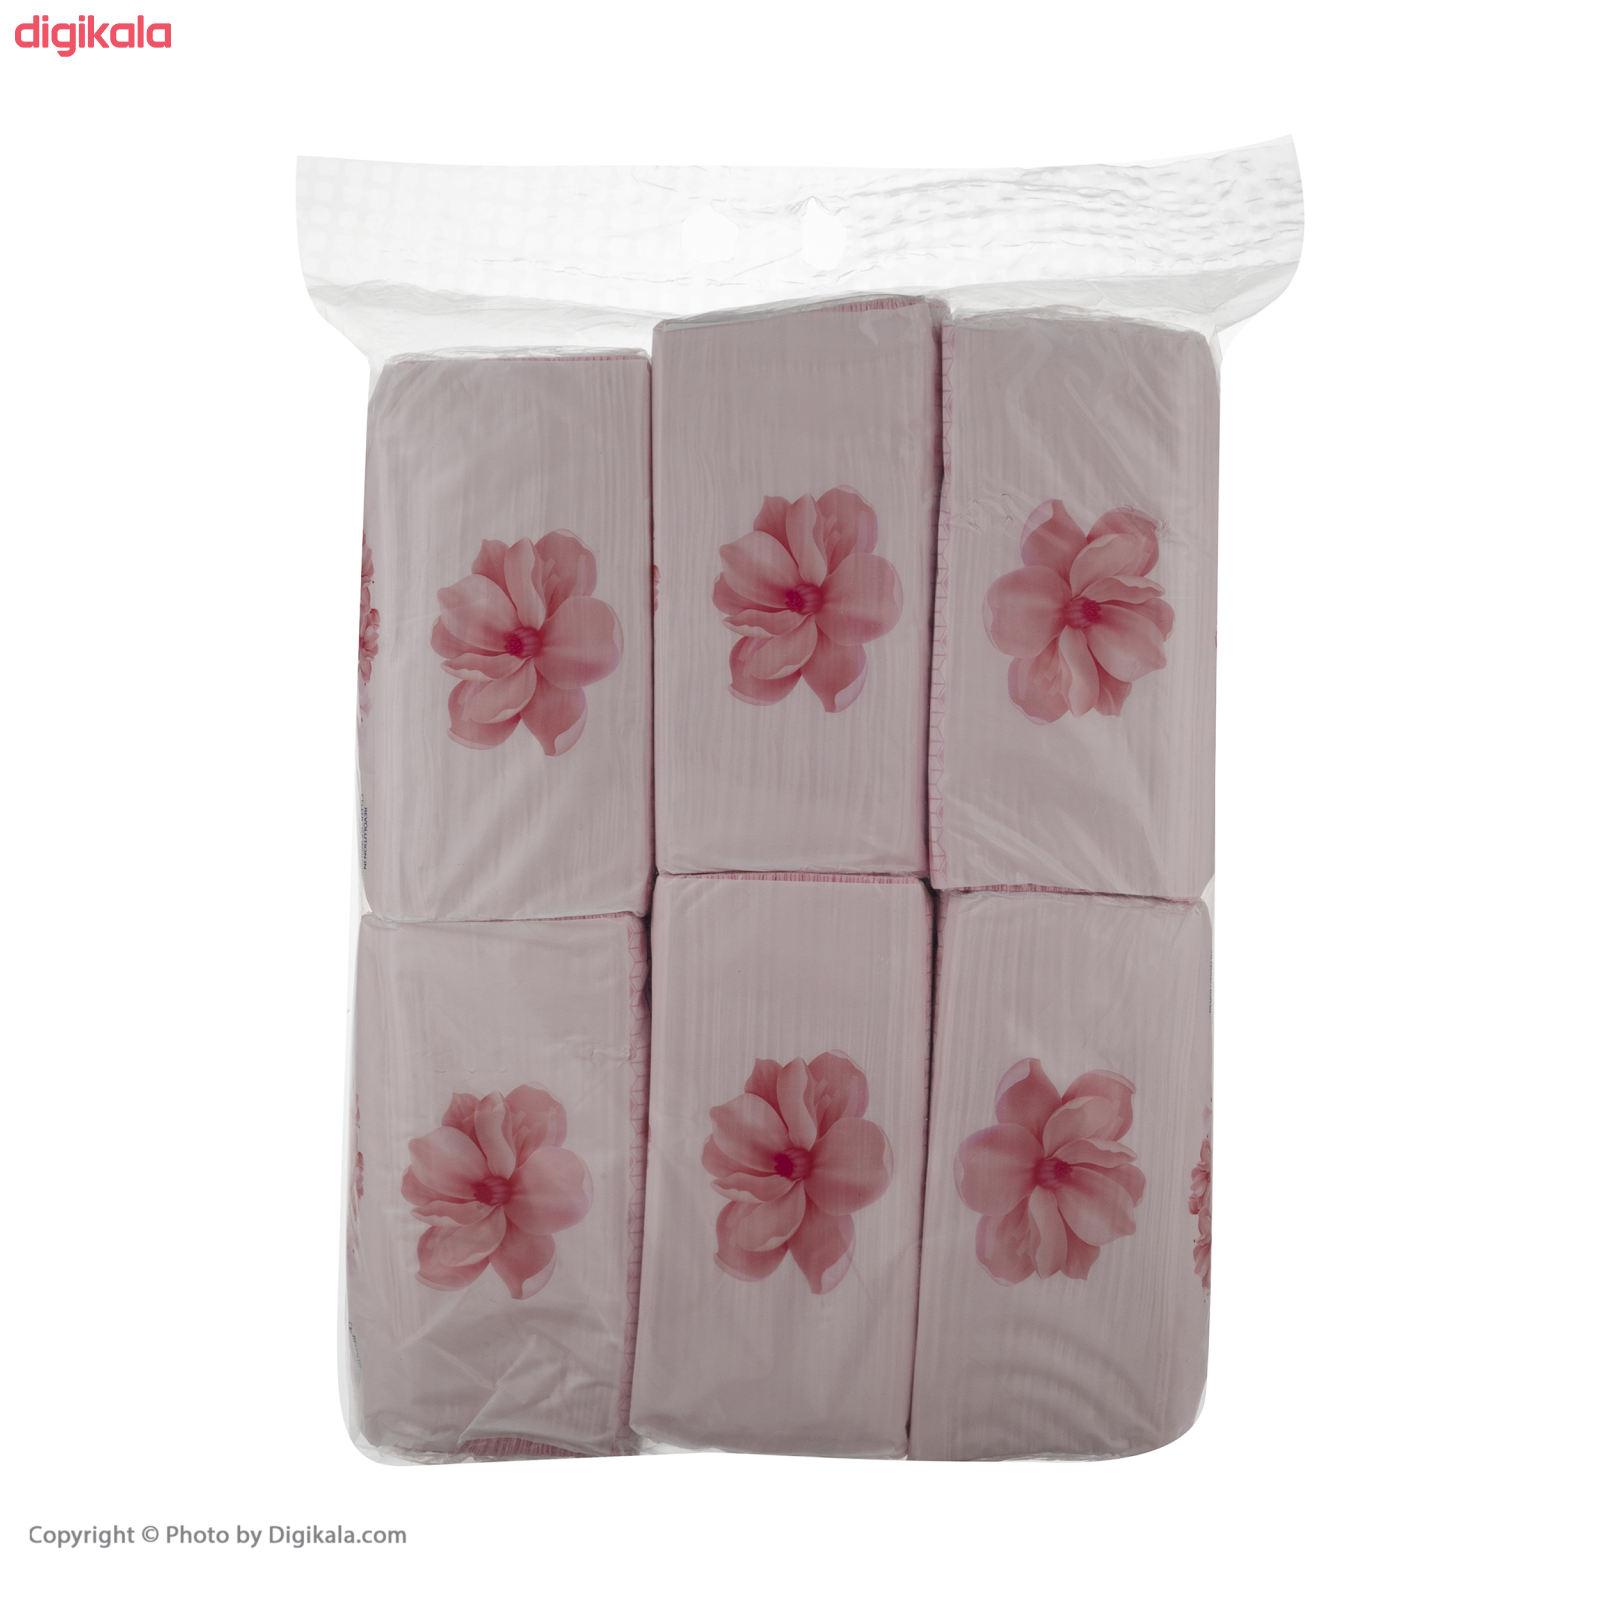 دستمال کاغذی 150 برگ ایزی پیک مدل Luxury بسته 6 عددی main 1 1